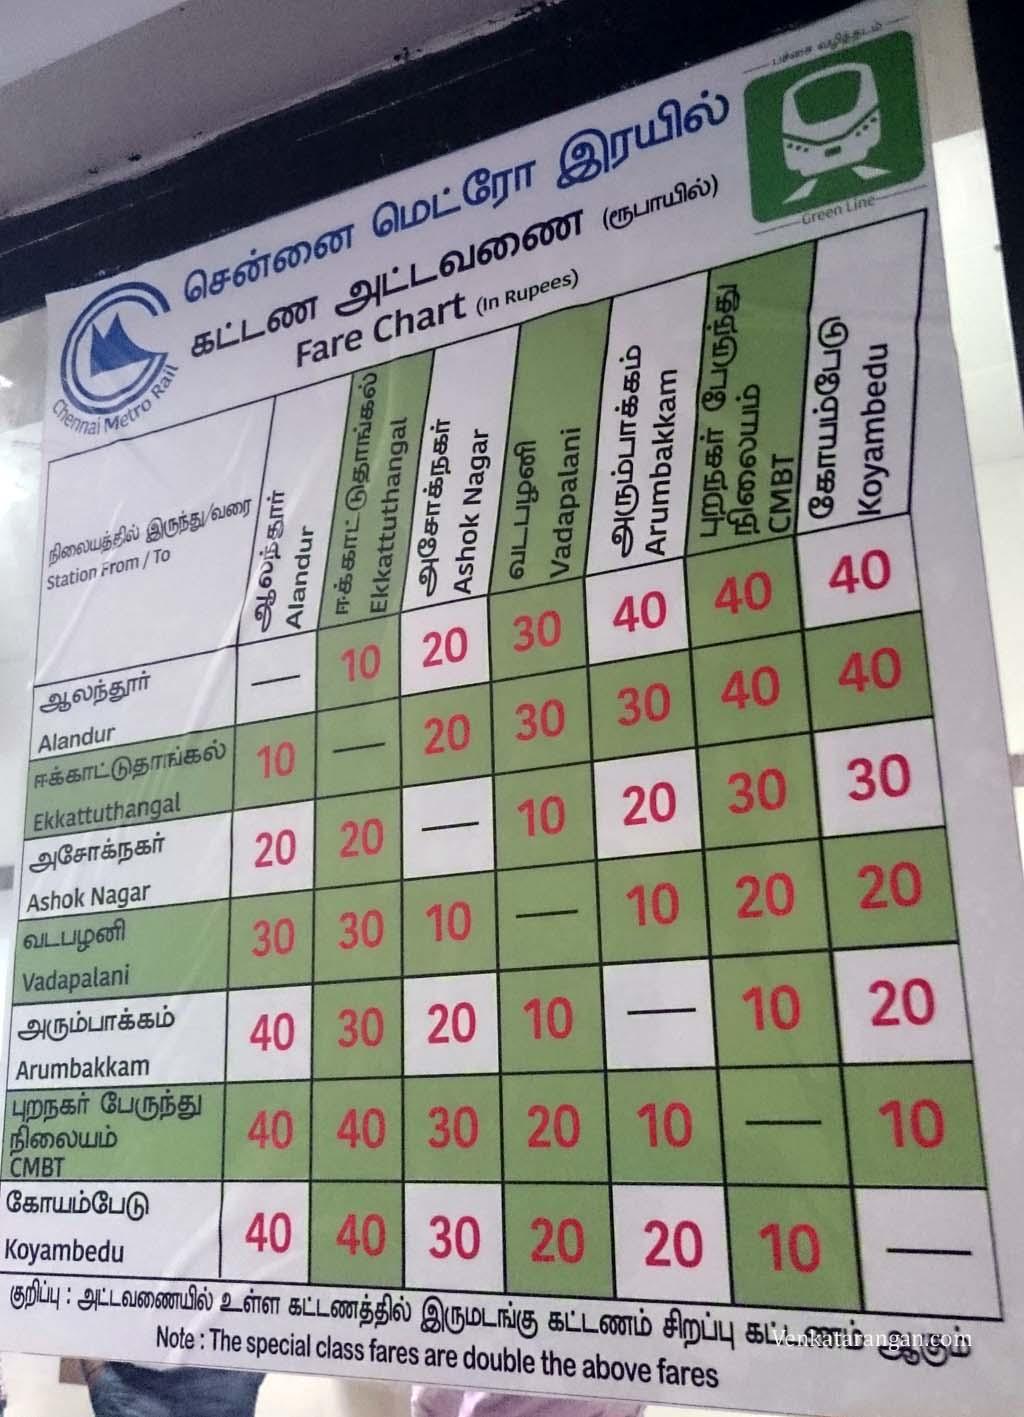 Chennai Metro Fares chart